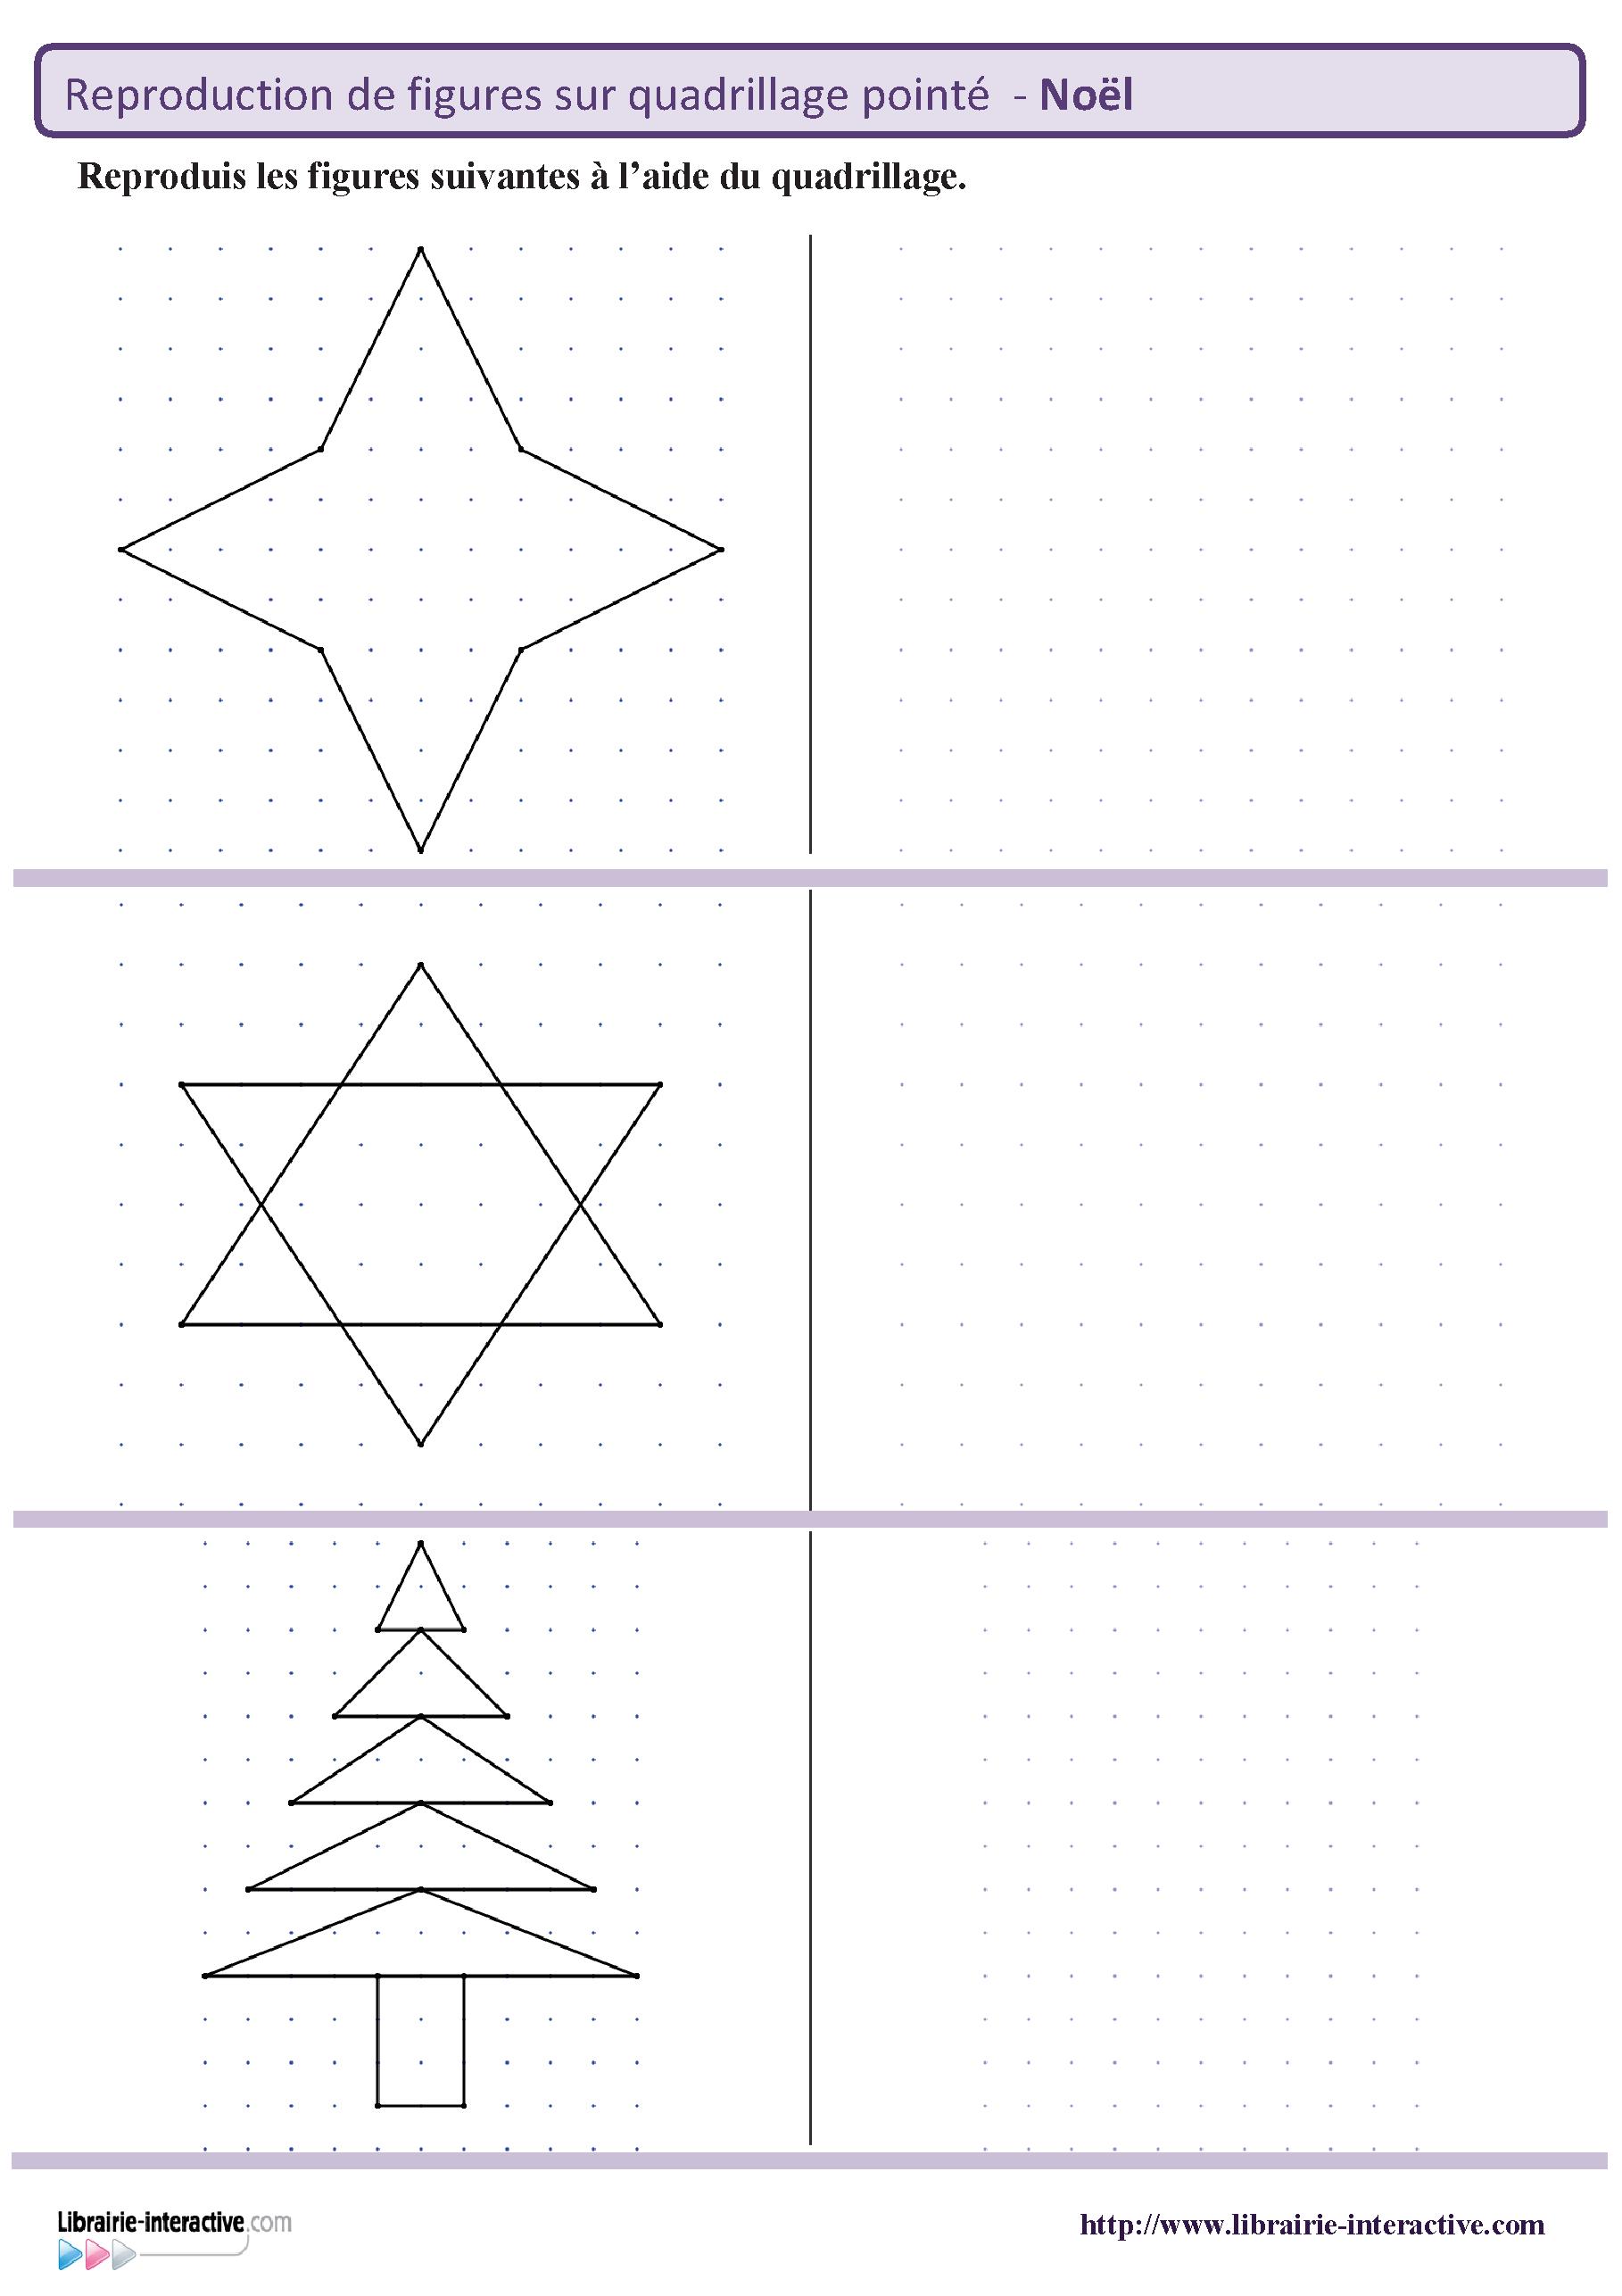 Des Figures Géométriques Sur Le Thème De Noël À Reproduire concernant Figures Géométriques Ce1